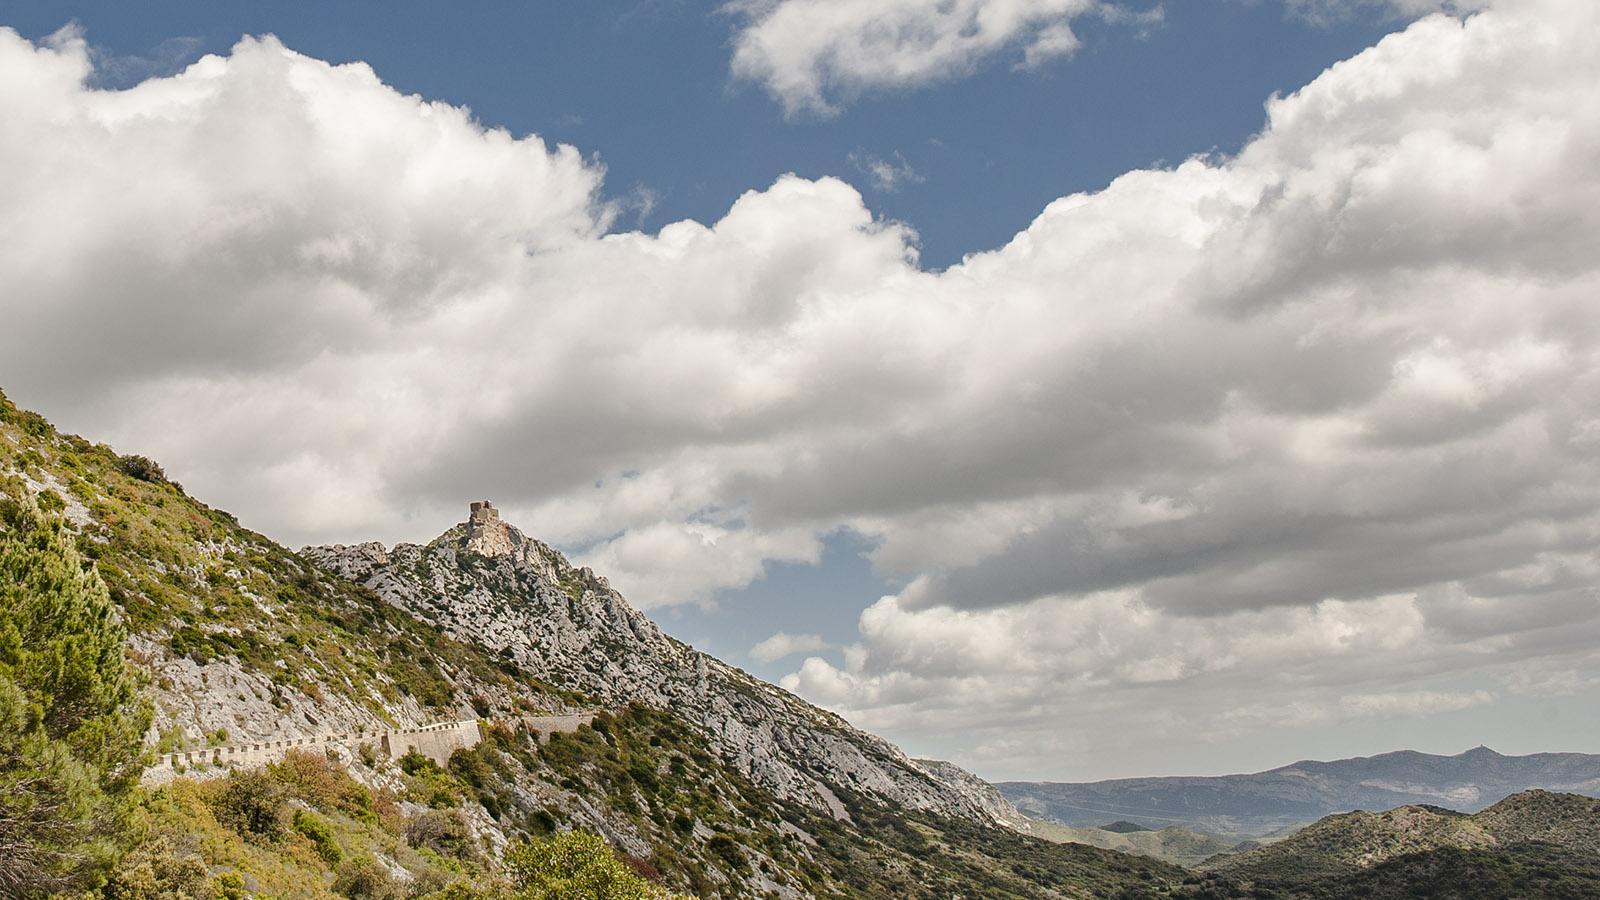 Sentier Cathare: Blick auf die Burg Quéribus von der Zufahrtsstraße von Maury aus. Foto: Hilke Maunder